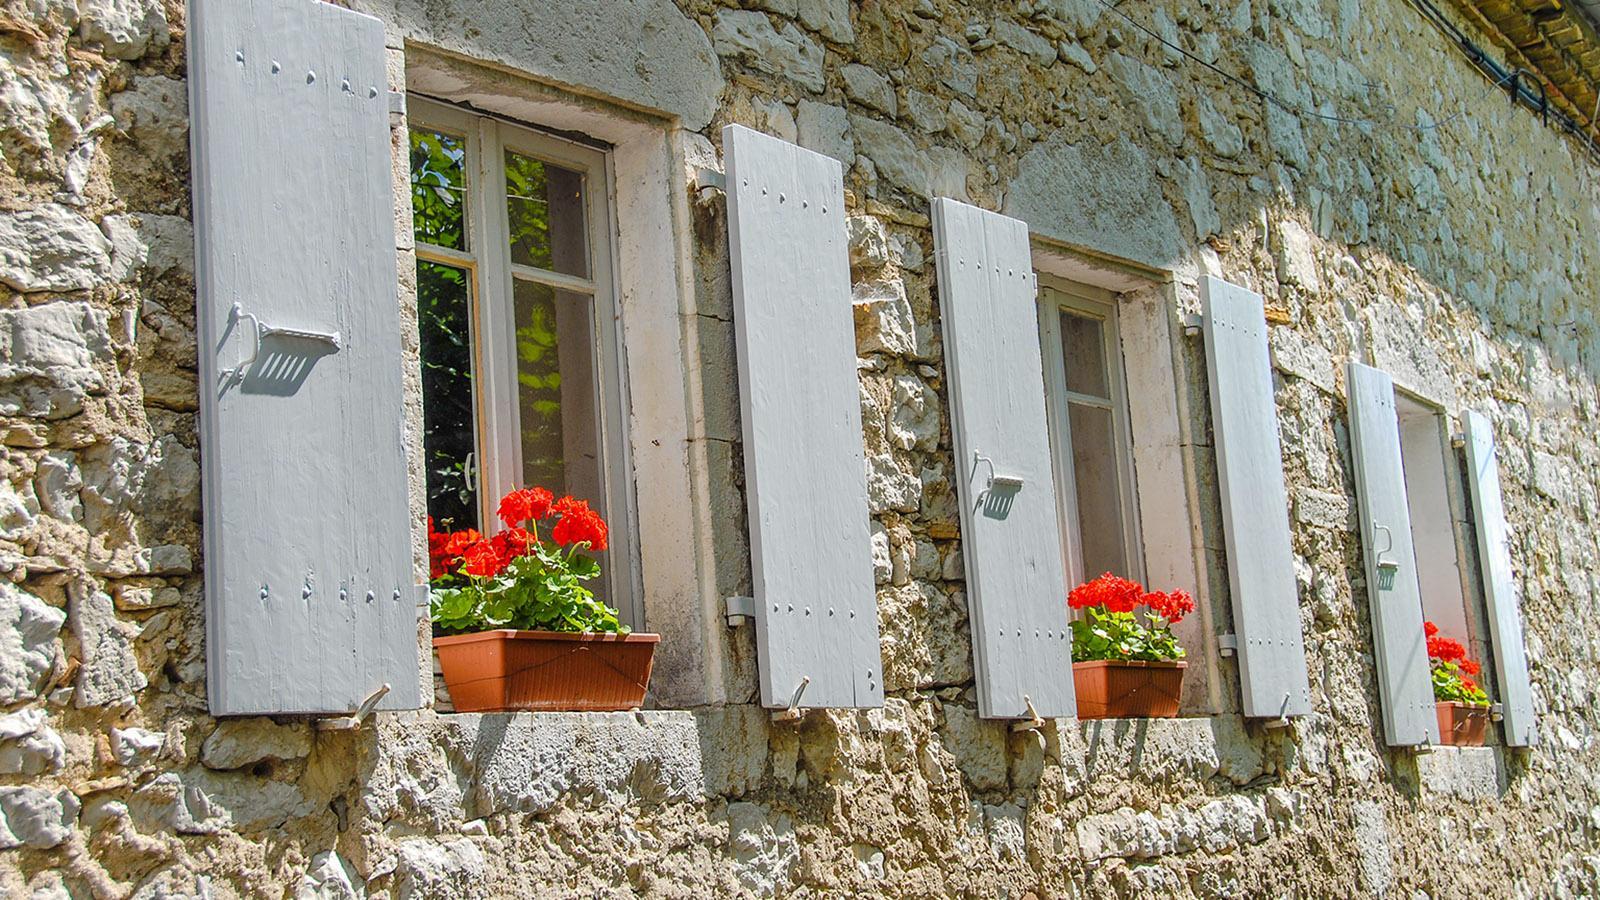 Balazuc ist auch ein Blumendorf! Überall grünt und blüht es! Foto: Hilke Maunder